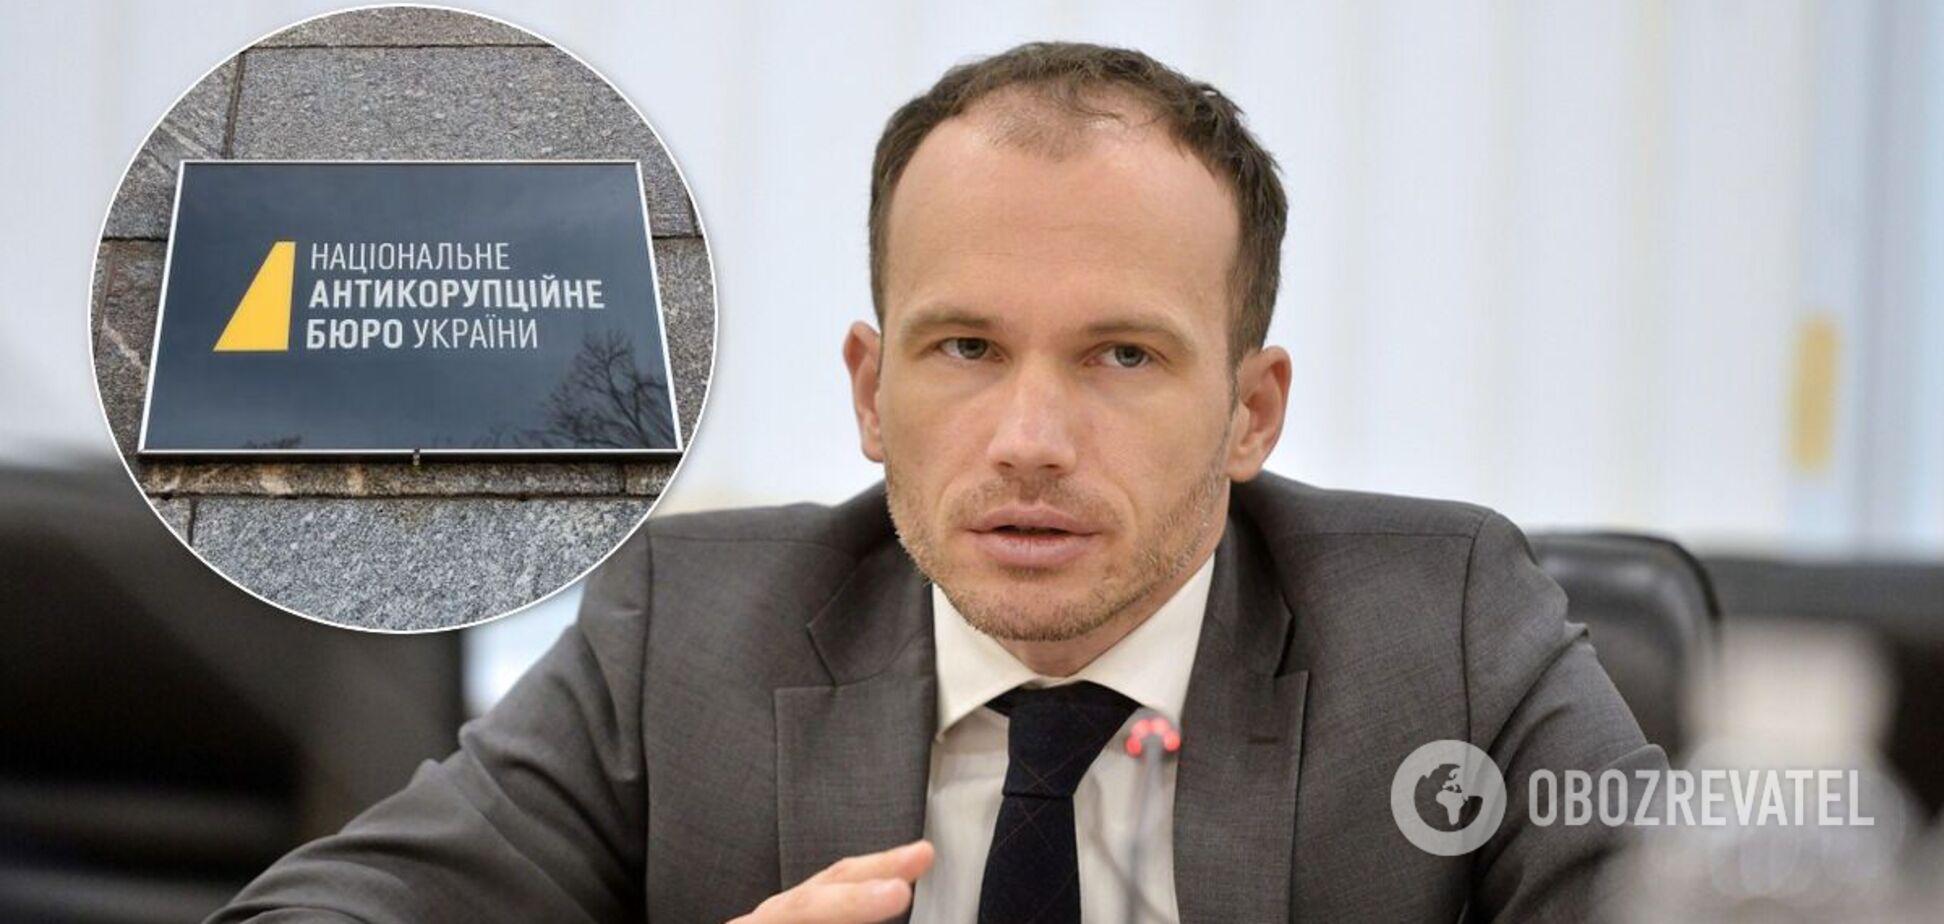 Малюська: решение КСУ по НАБУ вступило в силу, но Сытник остается на должности